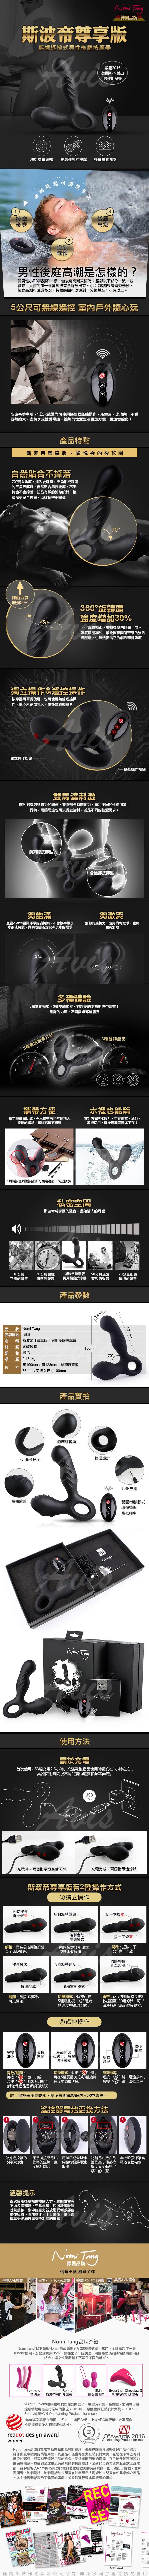 德國Nomi Tang 斯波帝尊享版 無限遙控版 男用前列腺旋轉按摩器